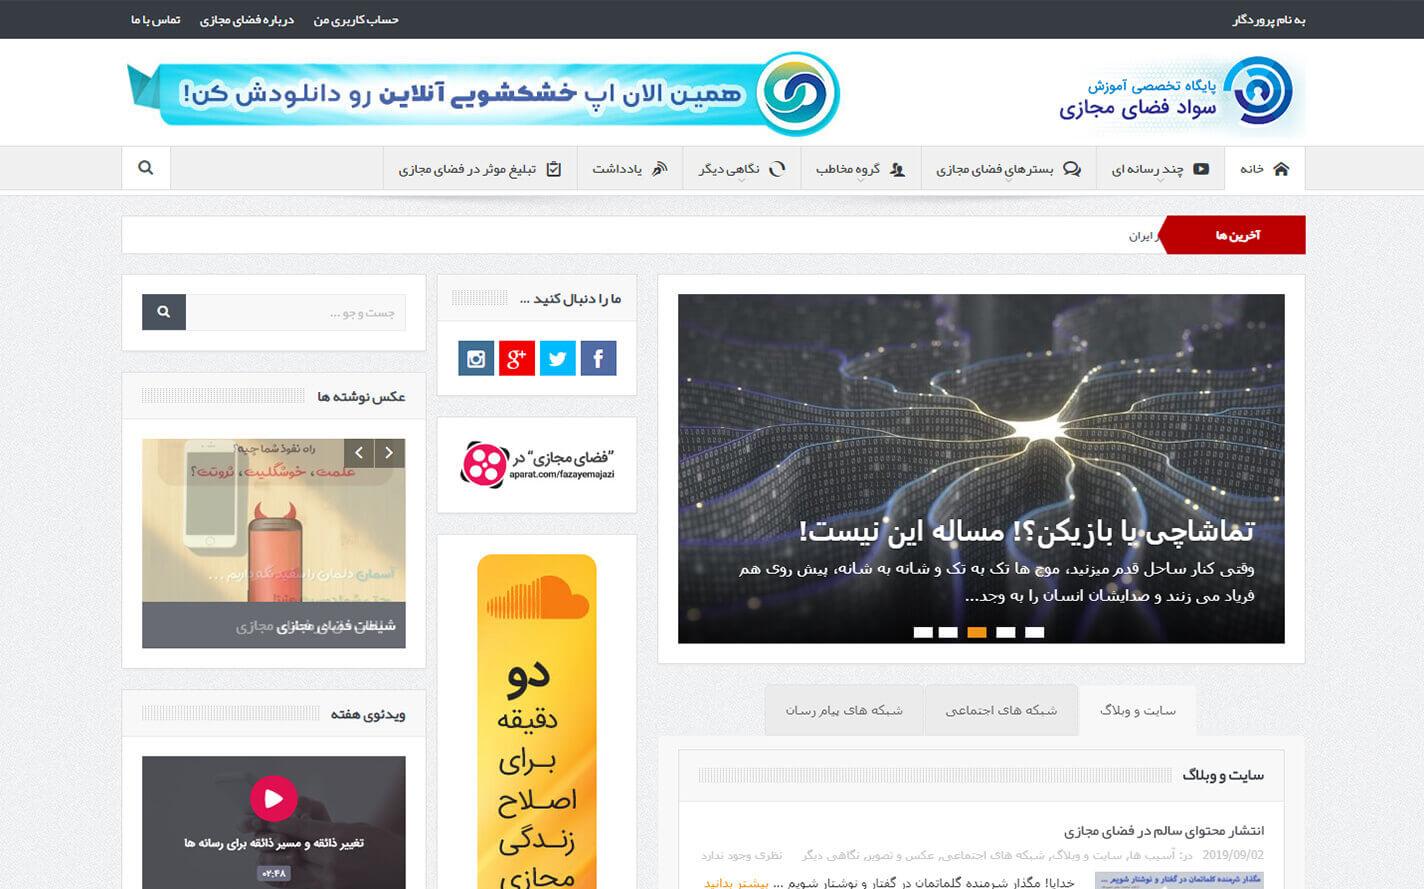 طراحی سایت فضای مجازی